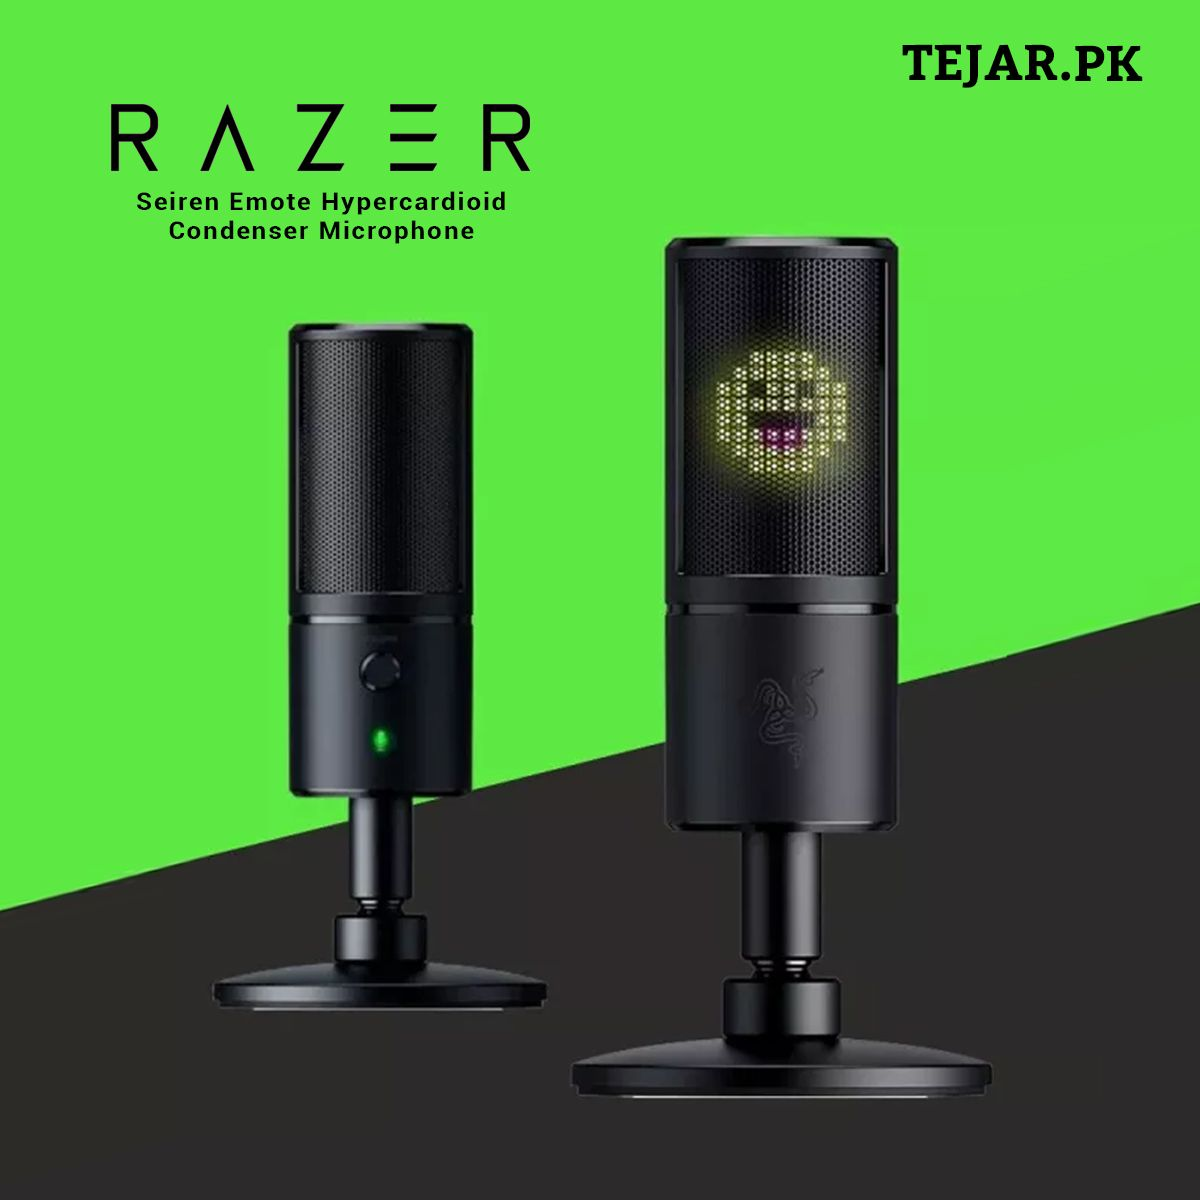 Razer Seiren Emote Hypercardioid Condenser Microphone Microphone Razer Usb Microphone